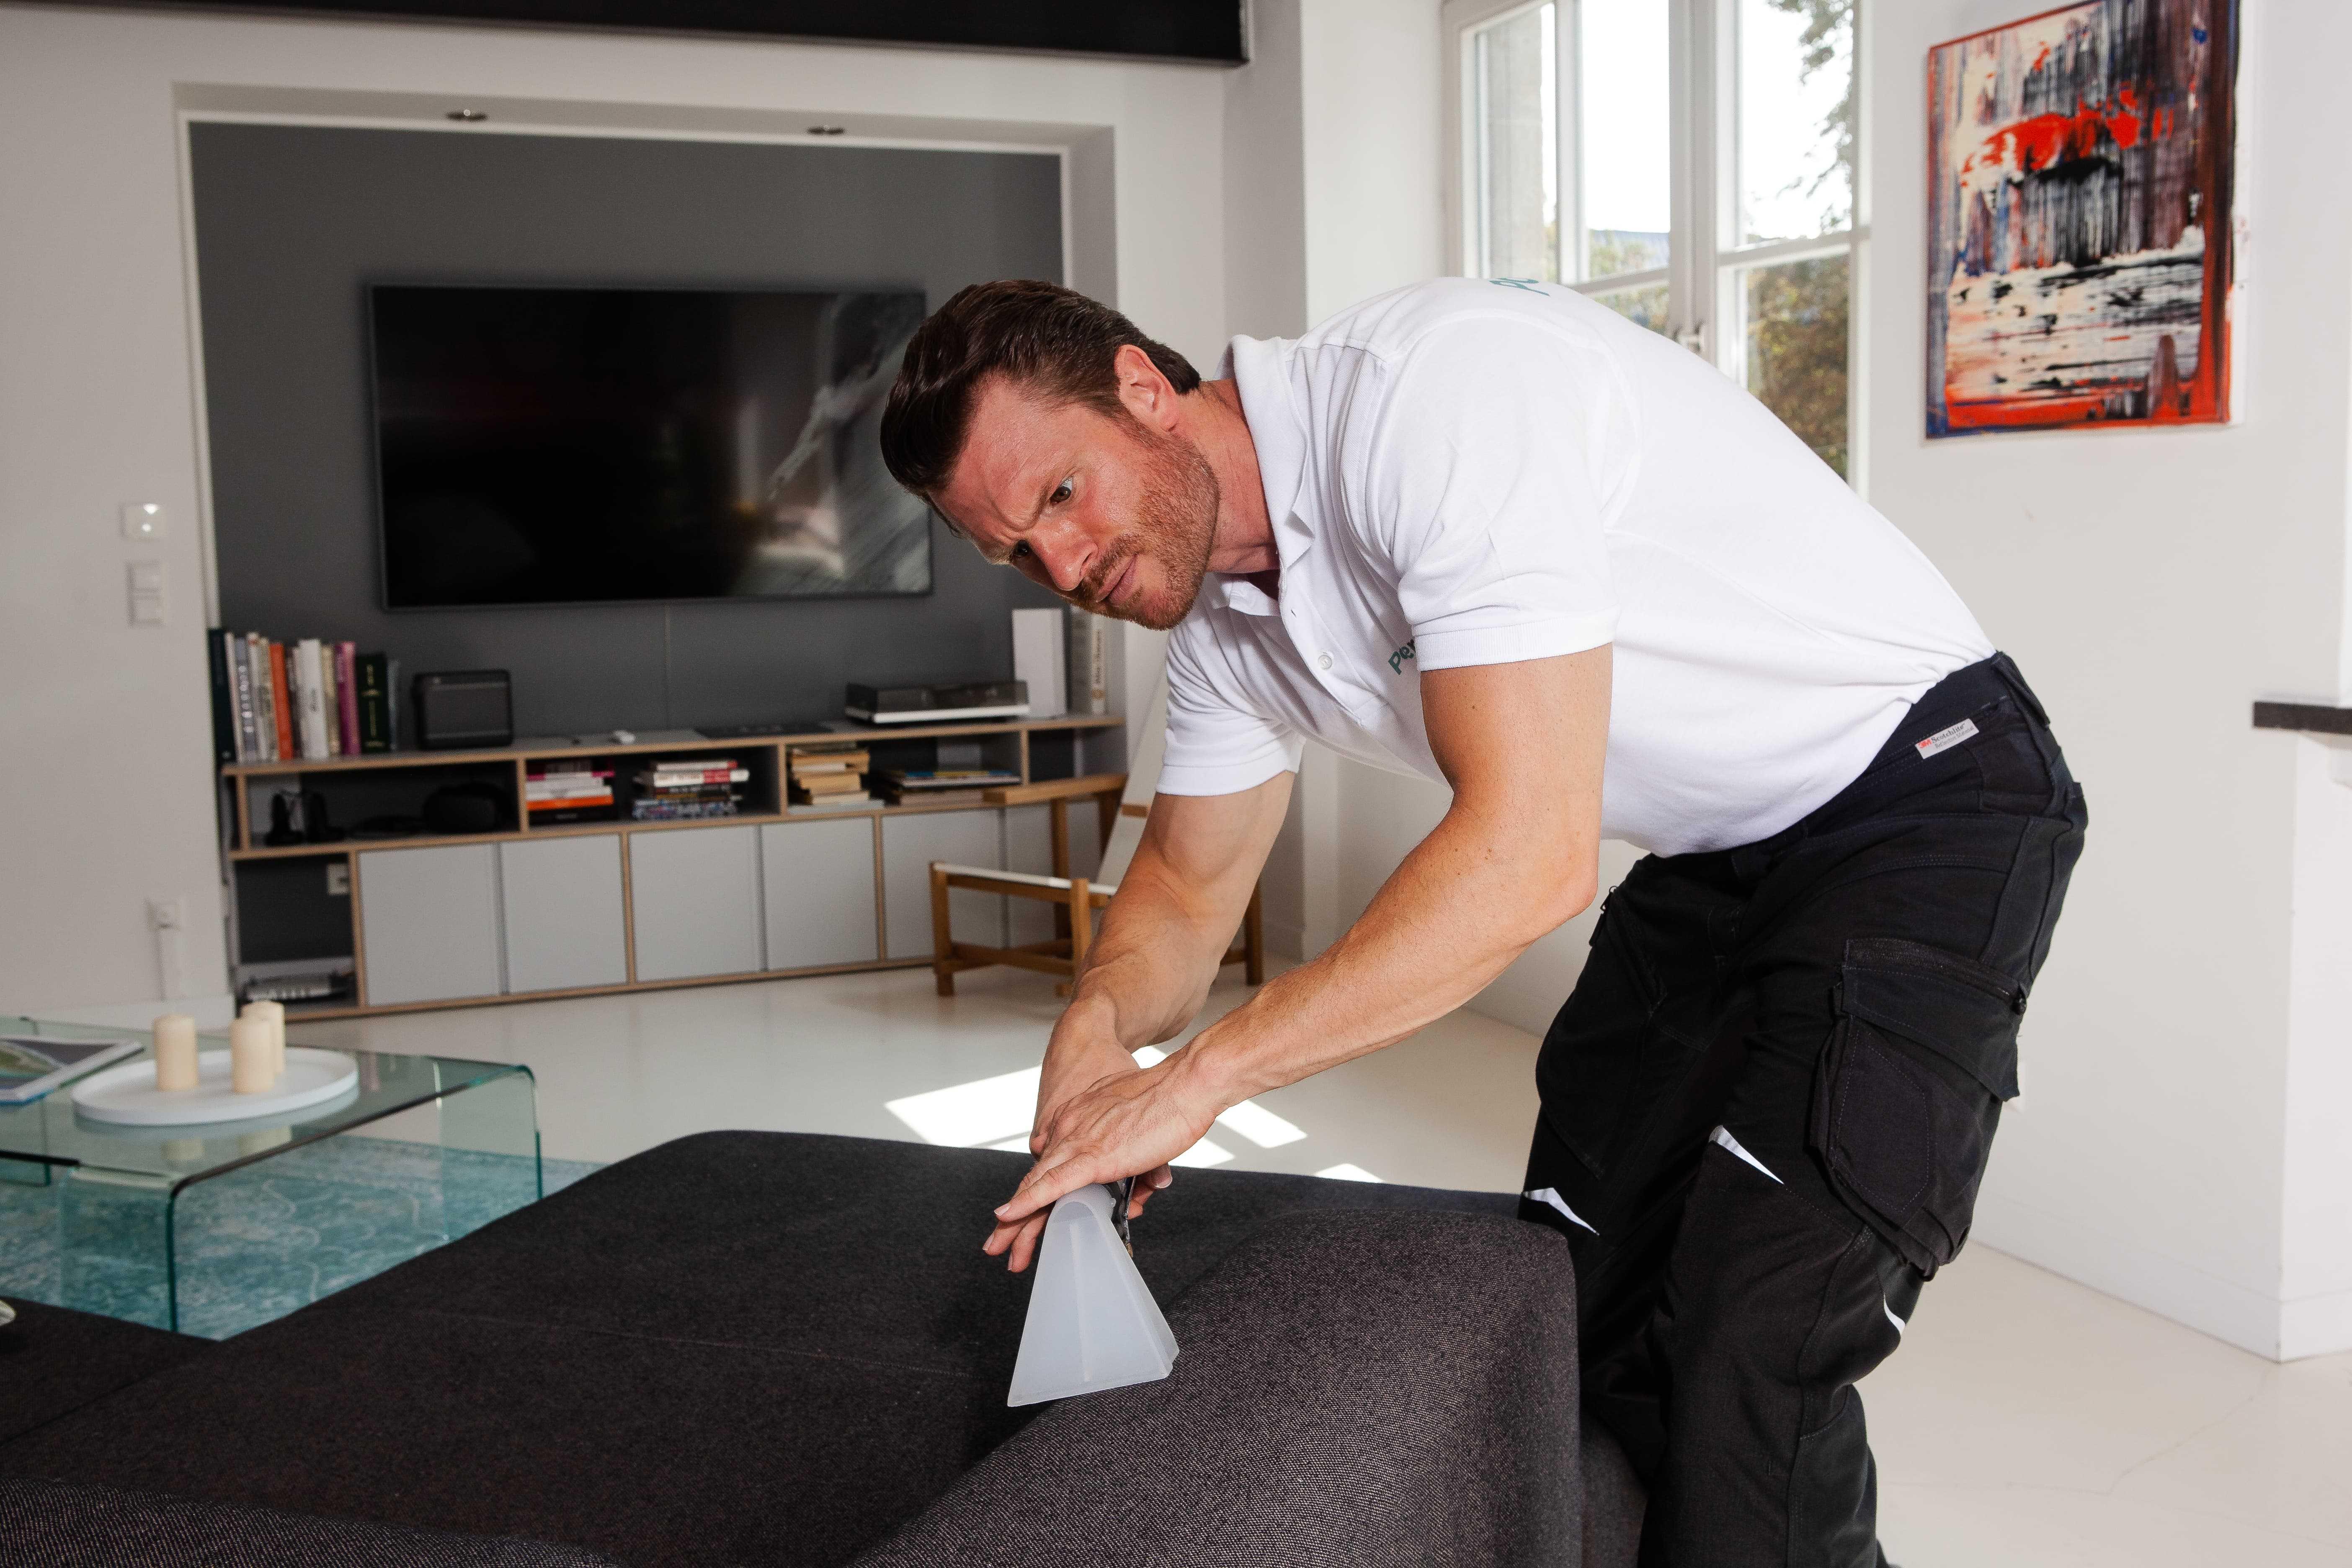 Auch das Sofa und andere Polster sollten regelmäßig gereinigt werden.